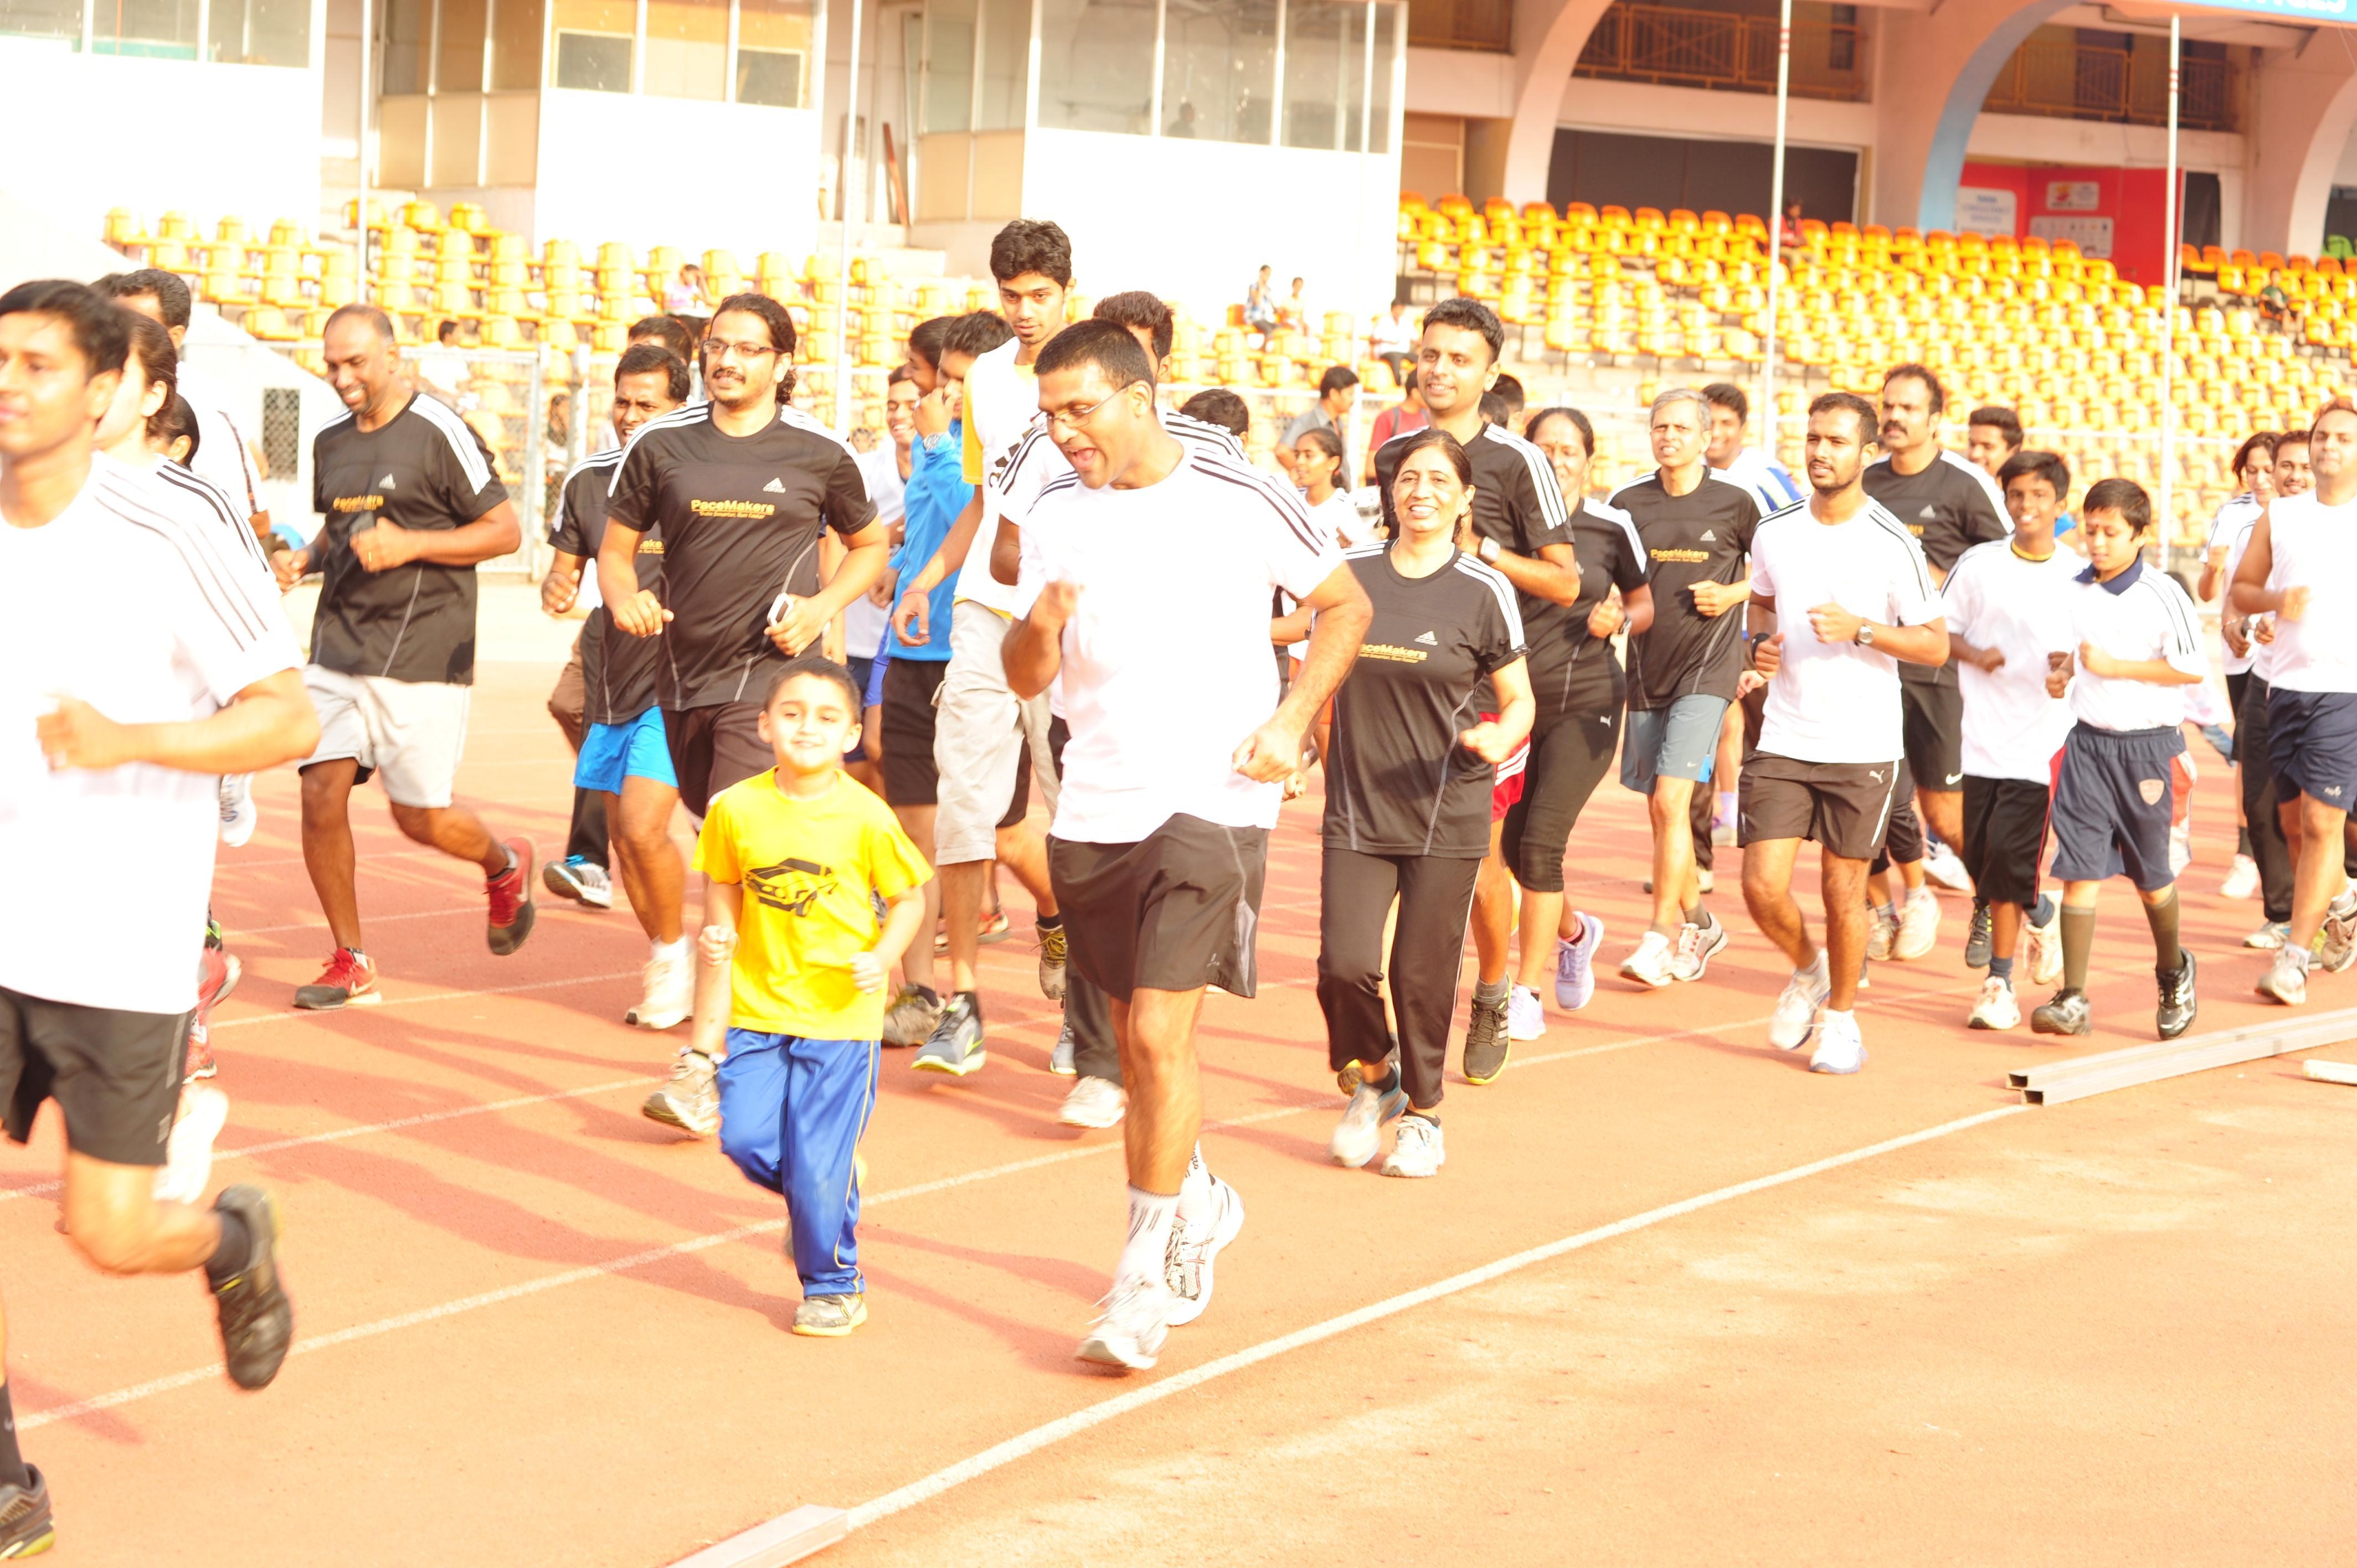 Runners at the stadium